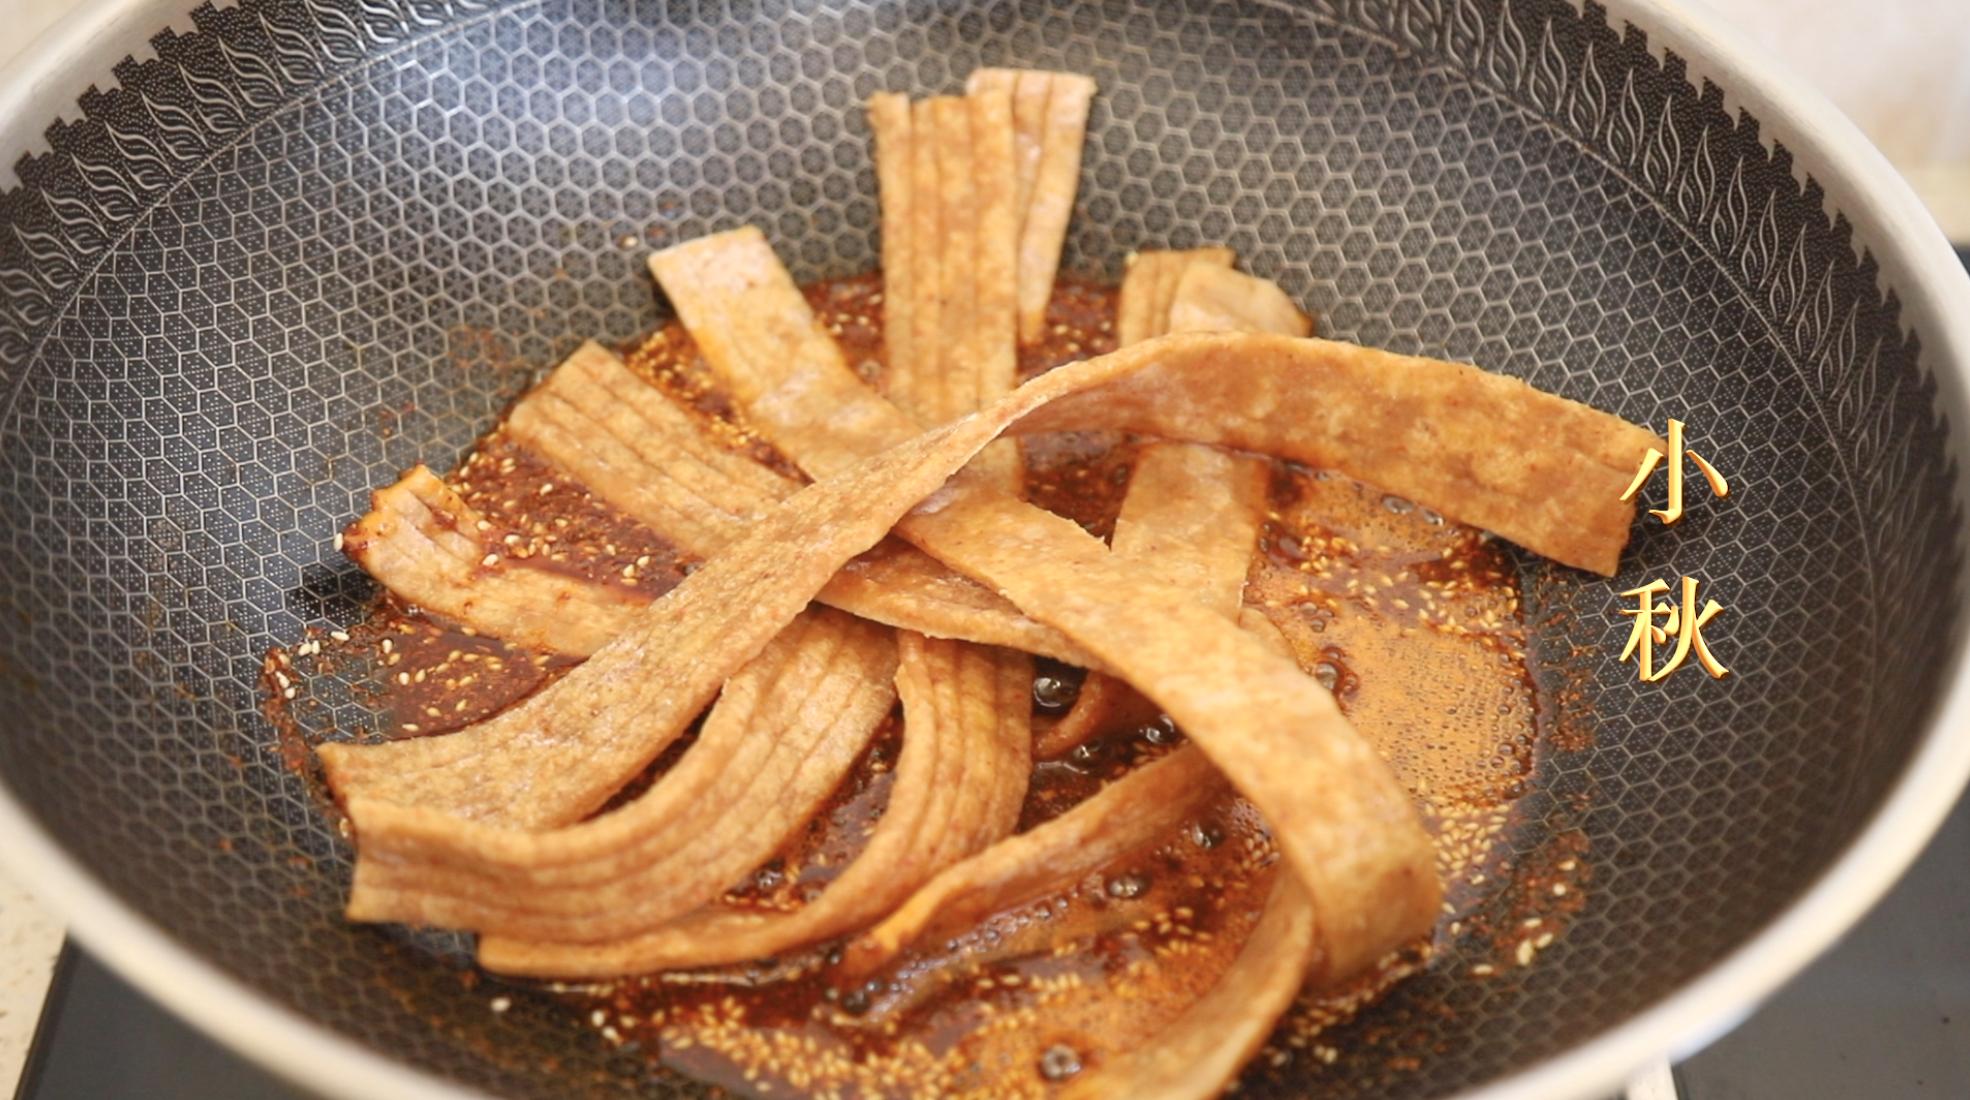 爱吃辣条的有福了,教你在家用剩米饭就能做,麻辣好吃无添加 美食做法 第9张